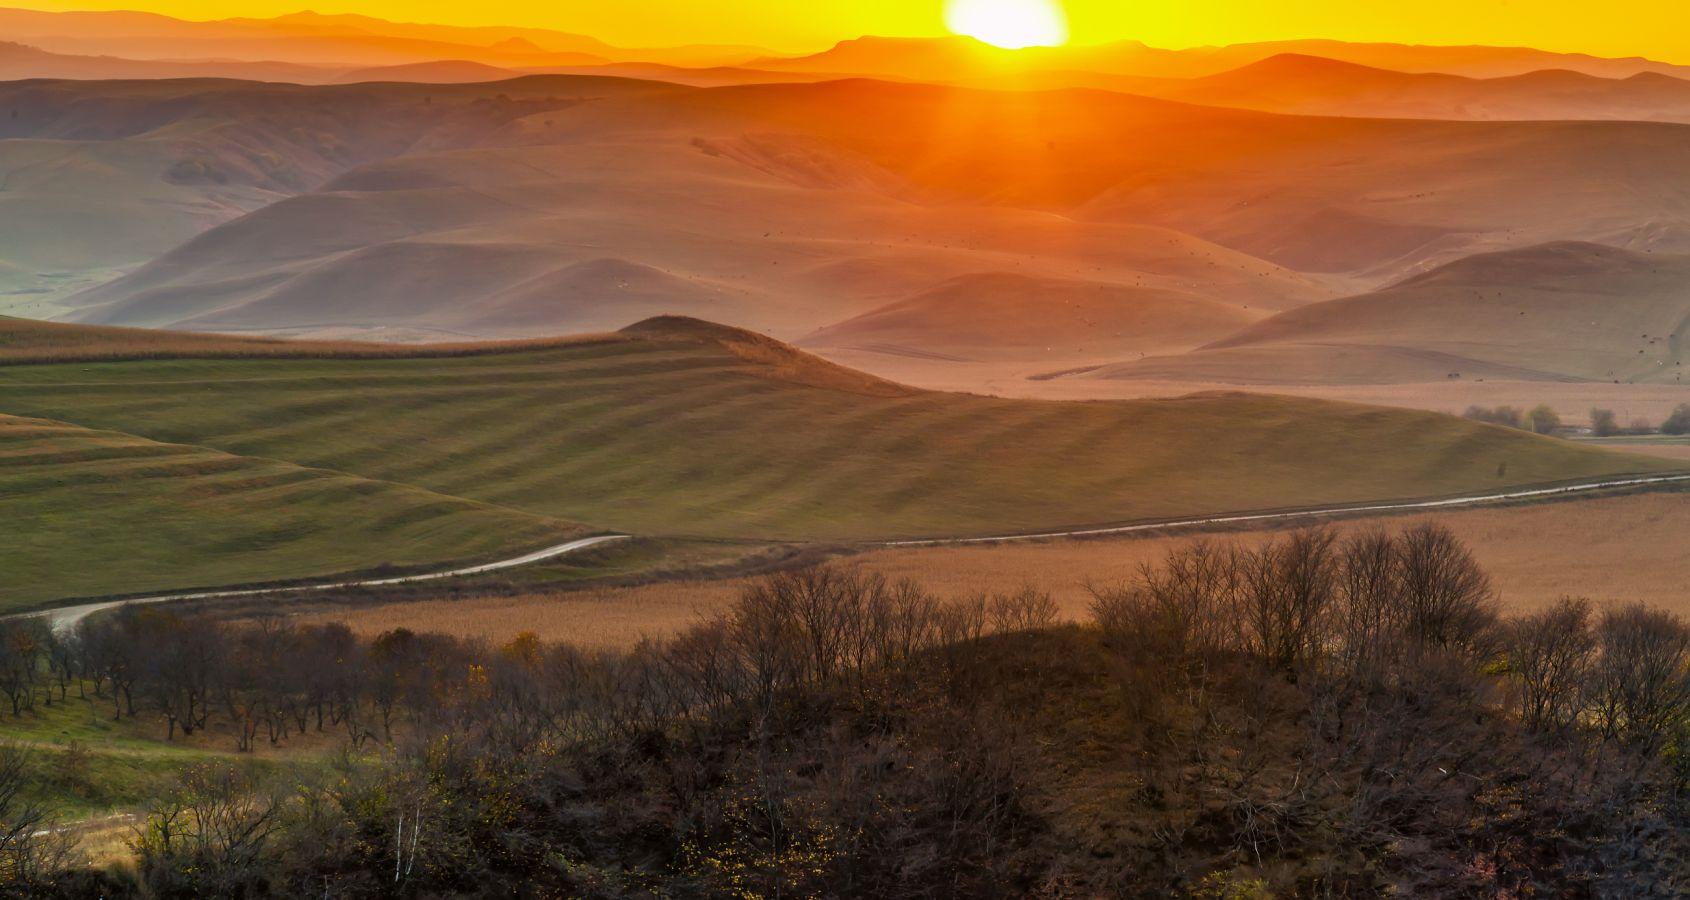 «Закат в Кабардино-Балкарии». Автор: Владимир Иванов